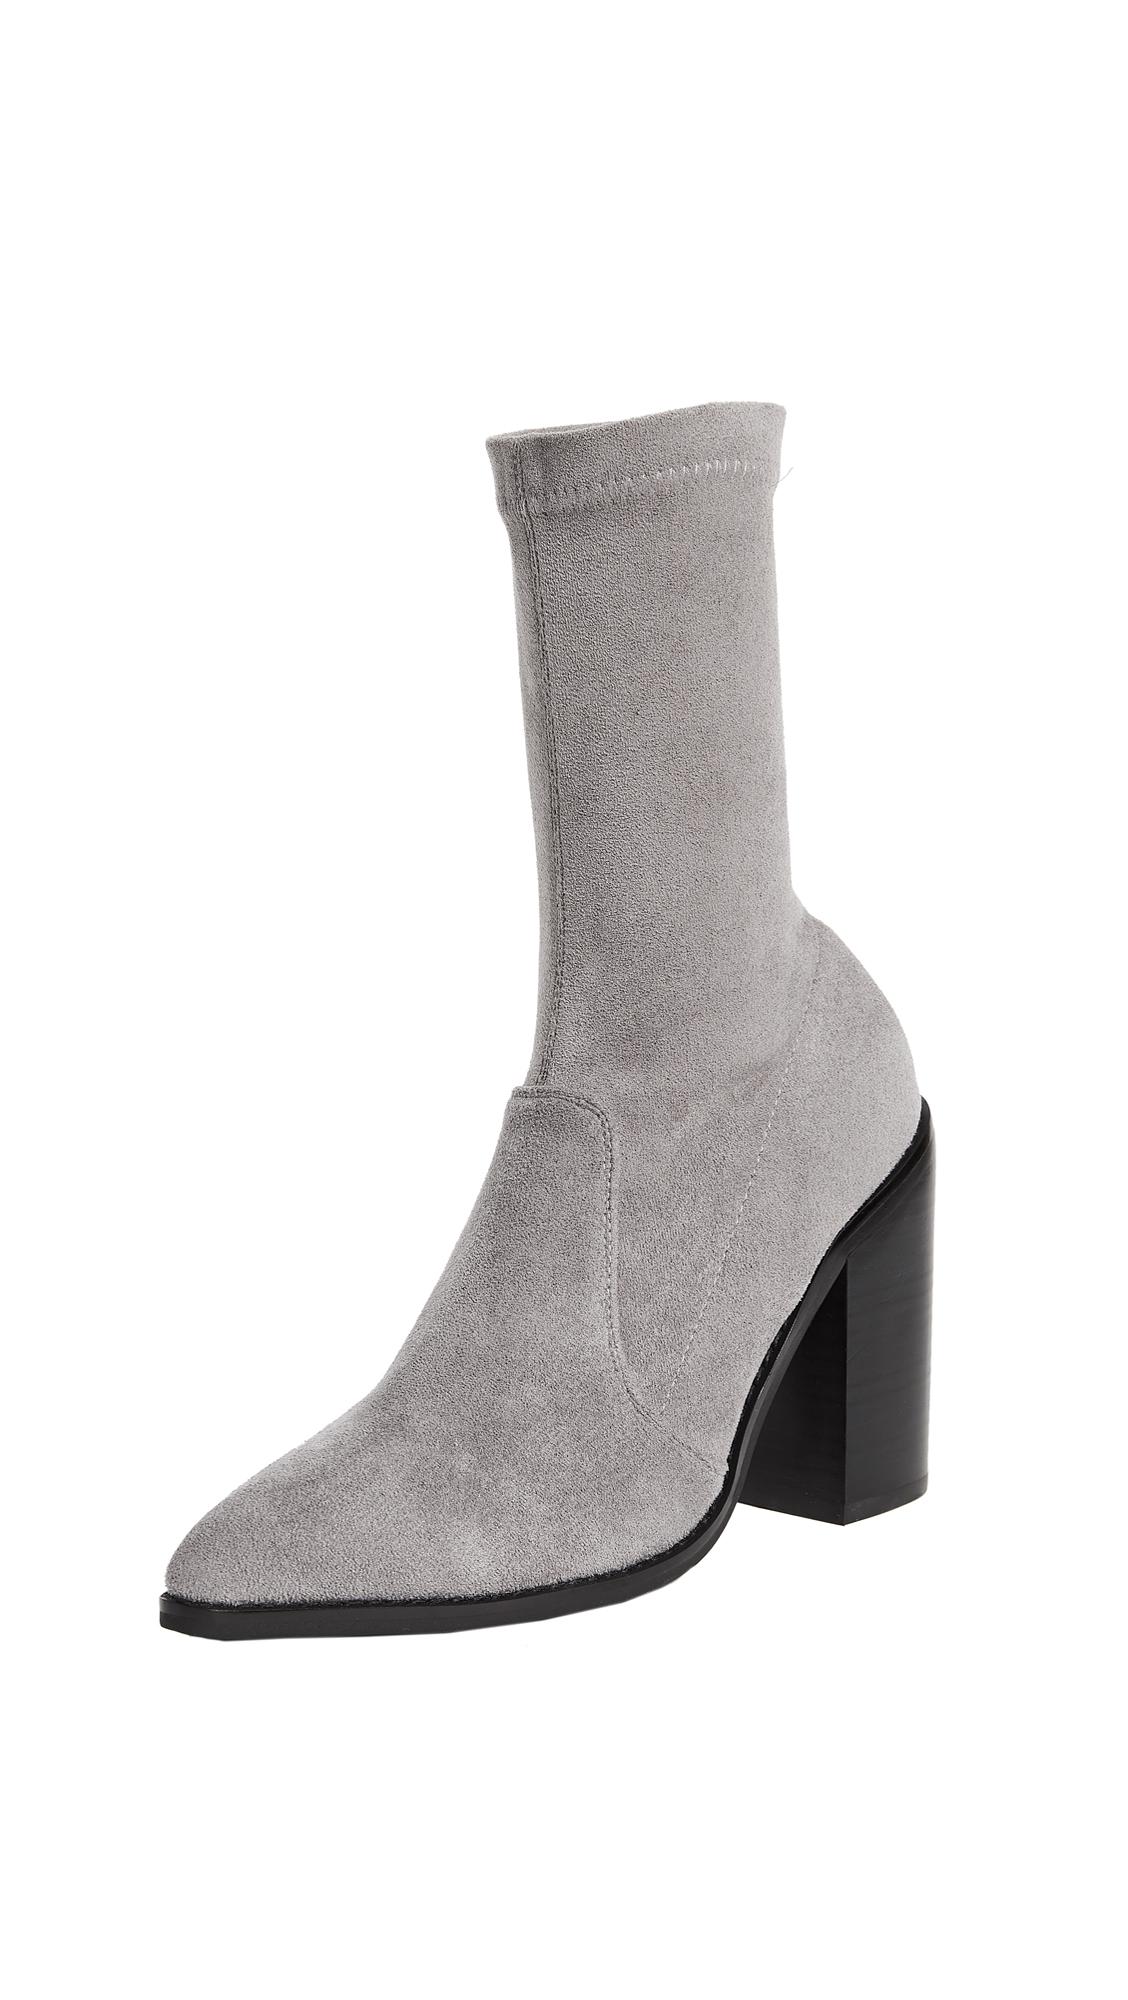 Sol Sana Alexandria Boots - Grey